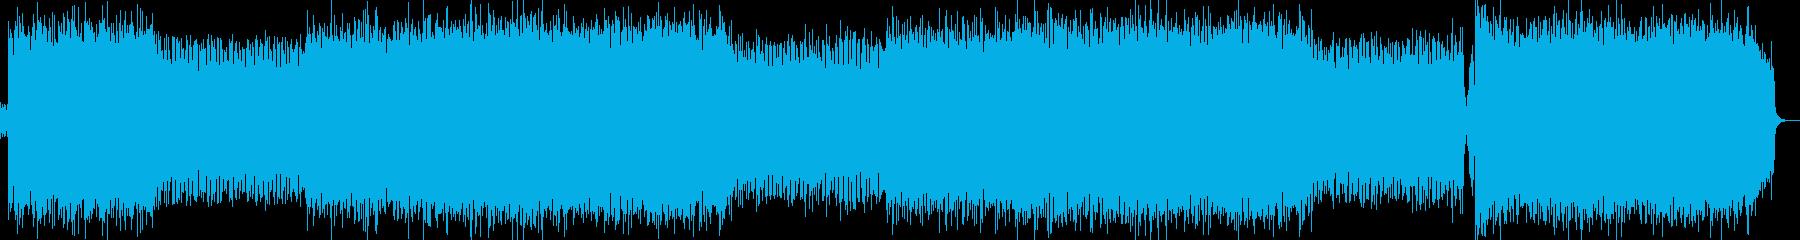 勇ましいロックの再生済みの波形